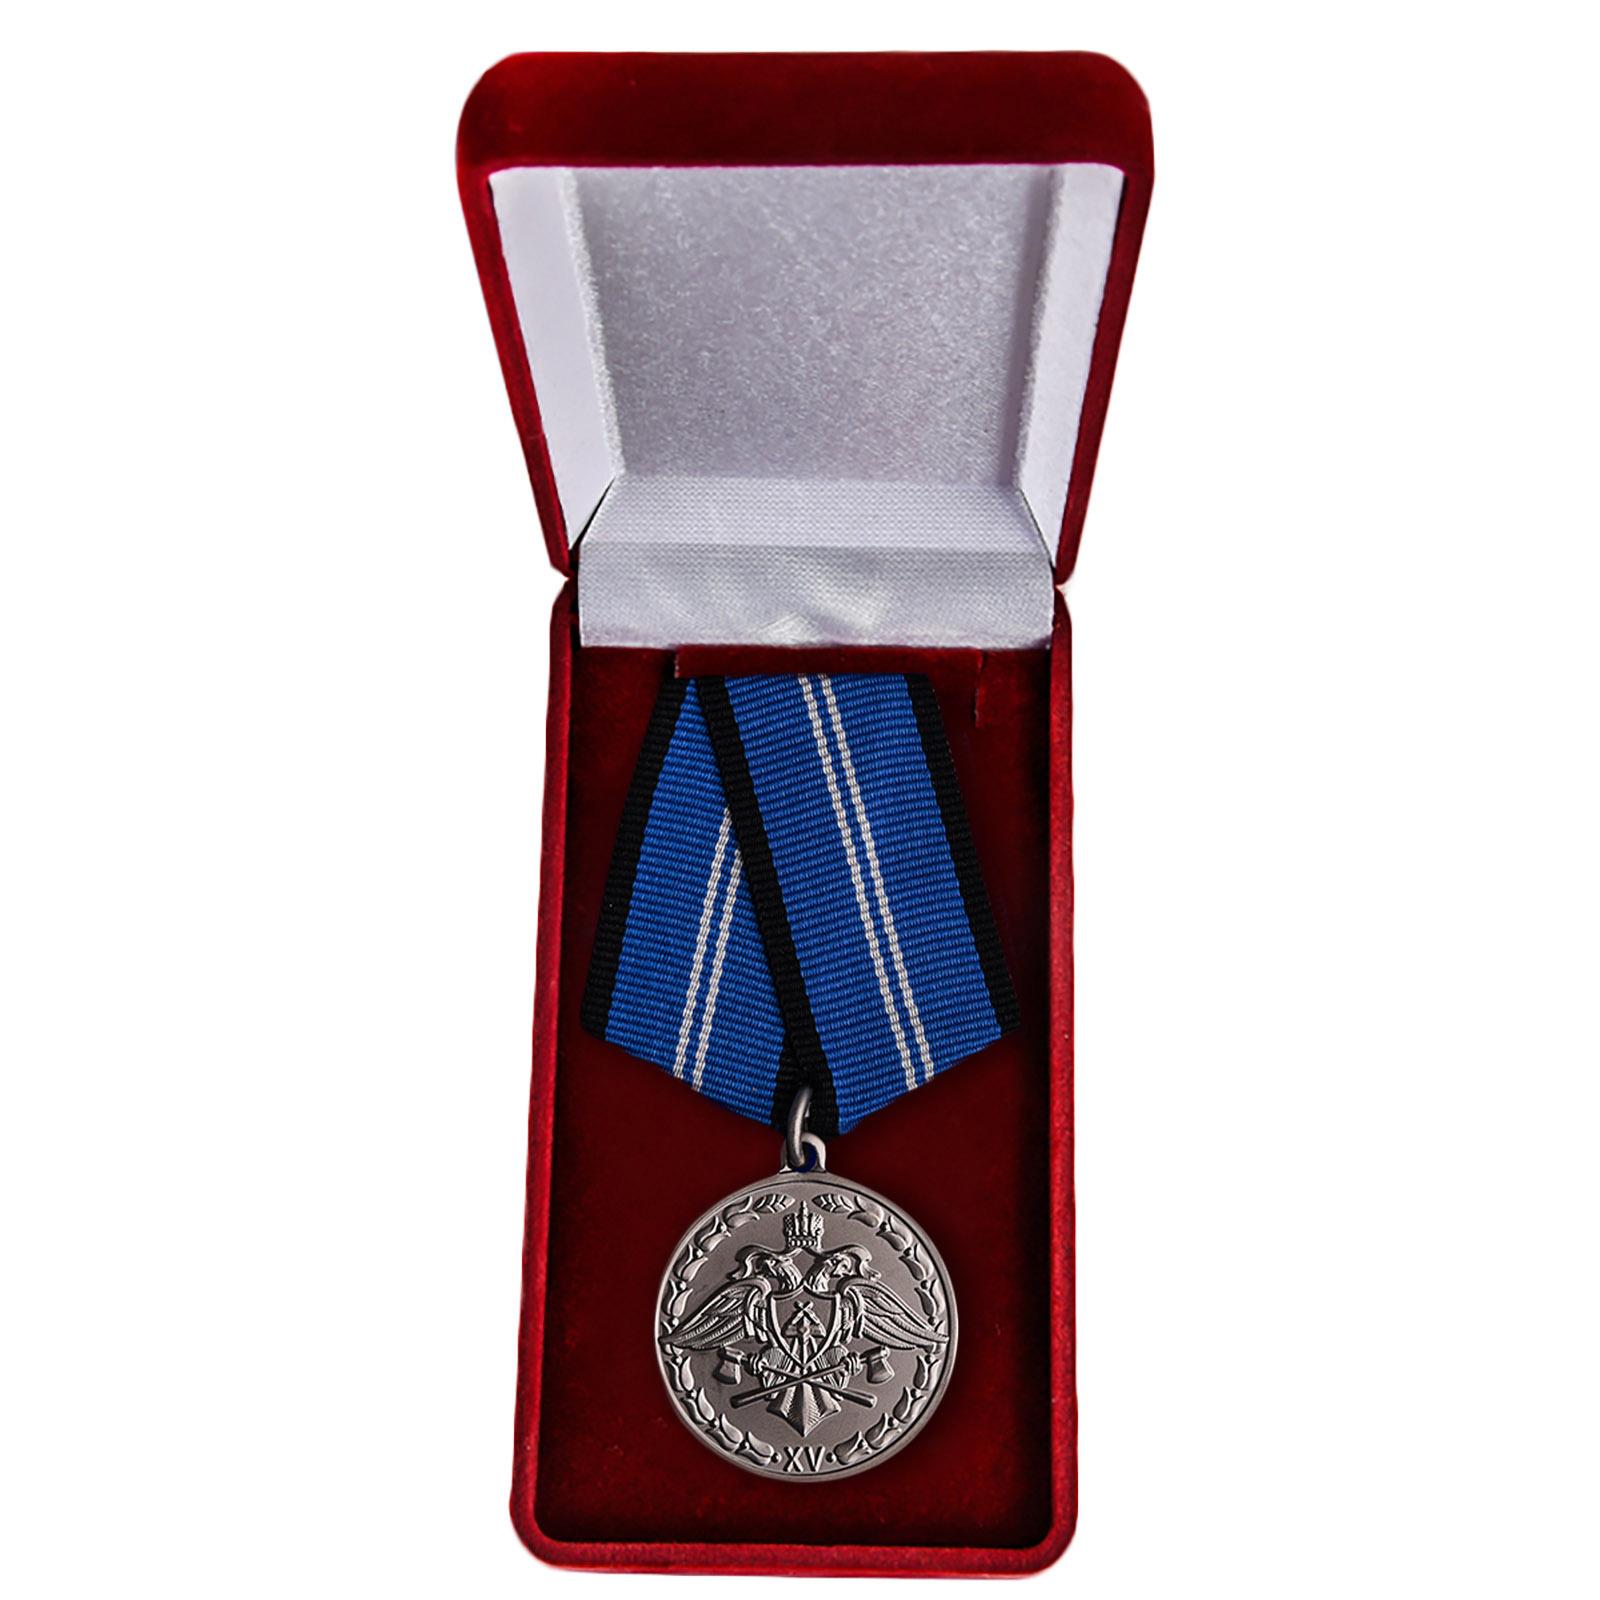 """Медаль Спецстроя """"За безупречную службу"""" 2 степени - в футляре"""